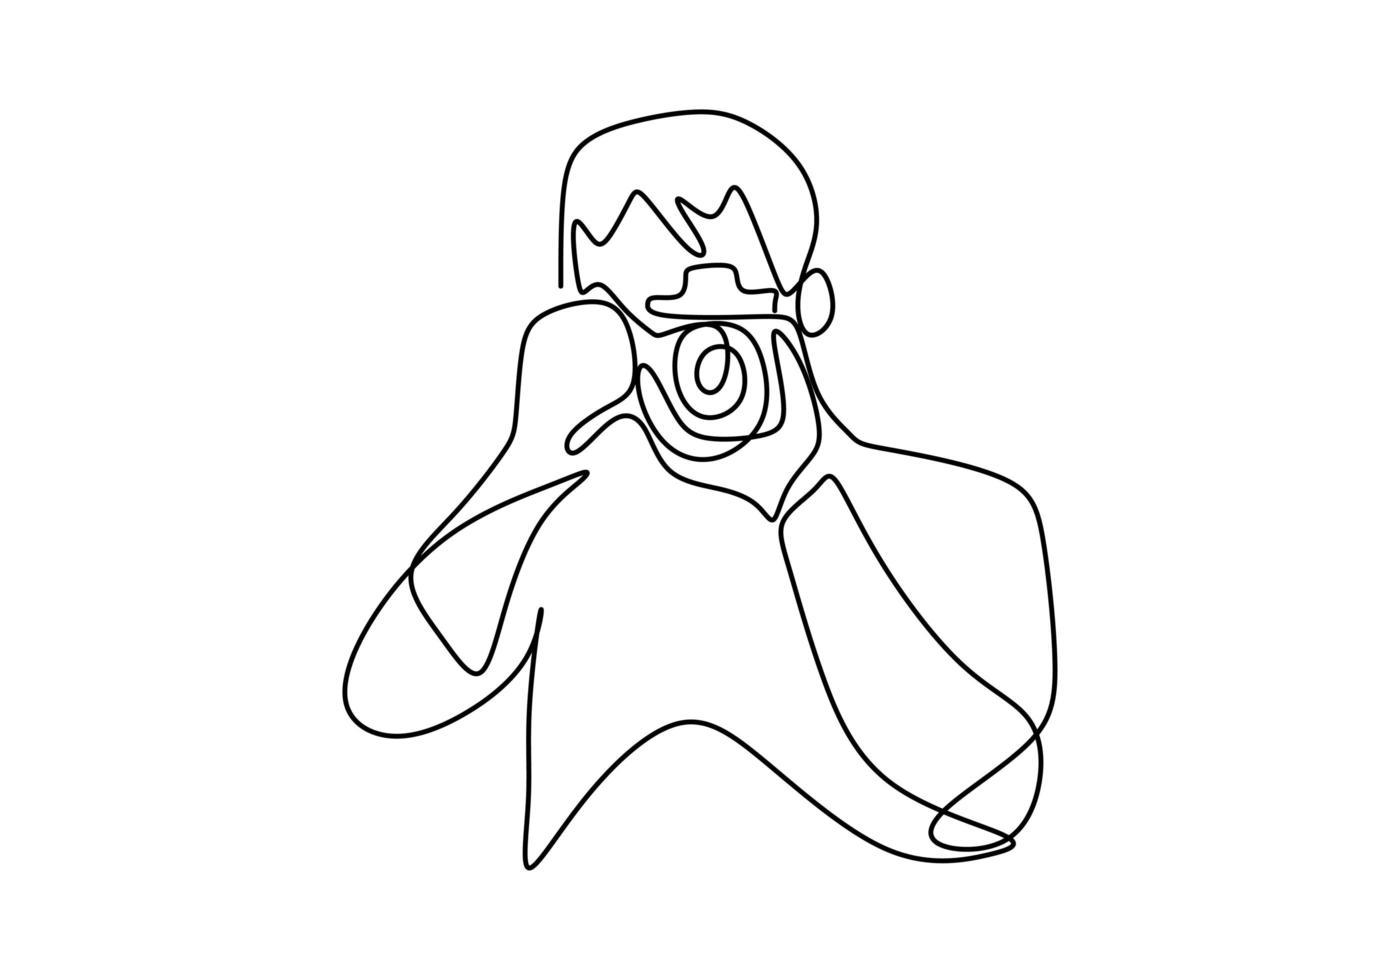 fotógrafo de homem com uma câmera tira fotos ao ar livre. desenho de linha contínua de um contorno preto de um jornalista ou fotógrafo no trabalho. para animação. vetor monocromático, desenho por linhas.